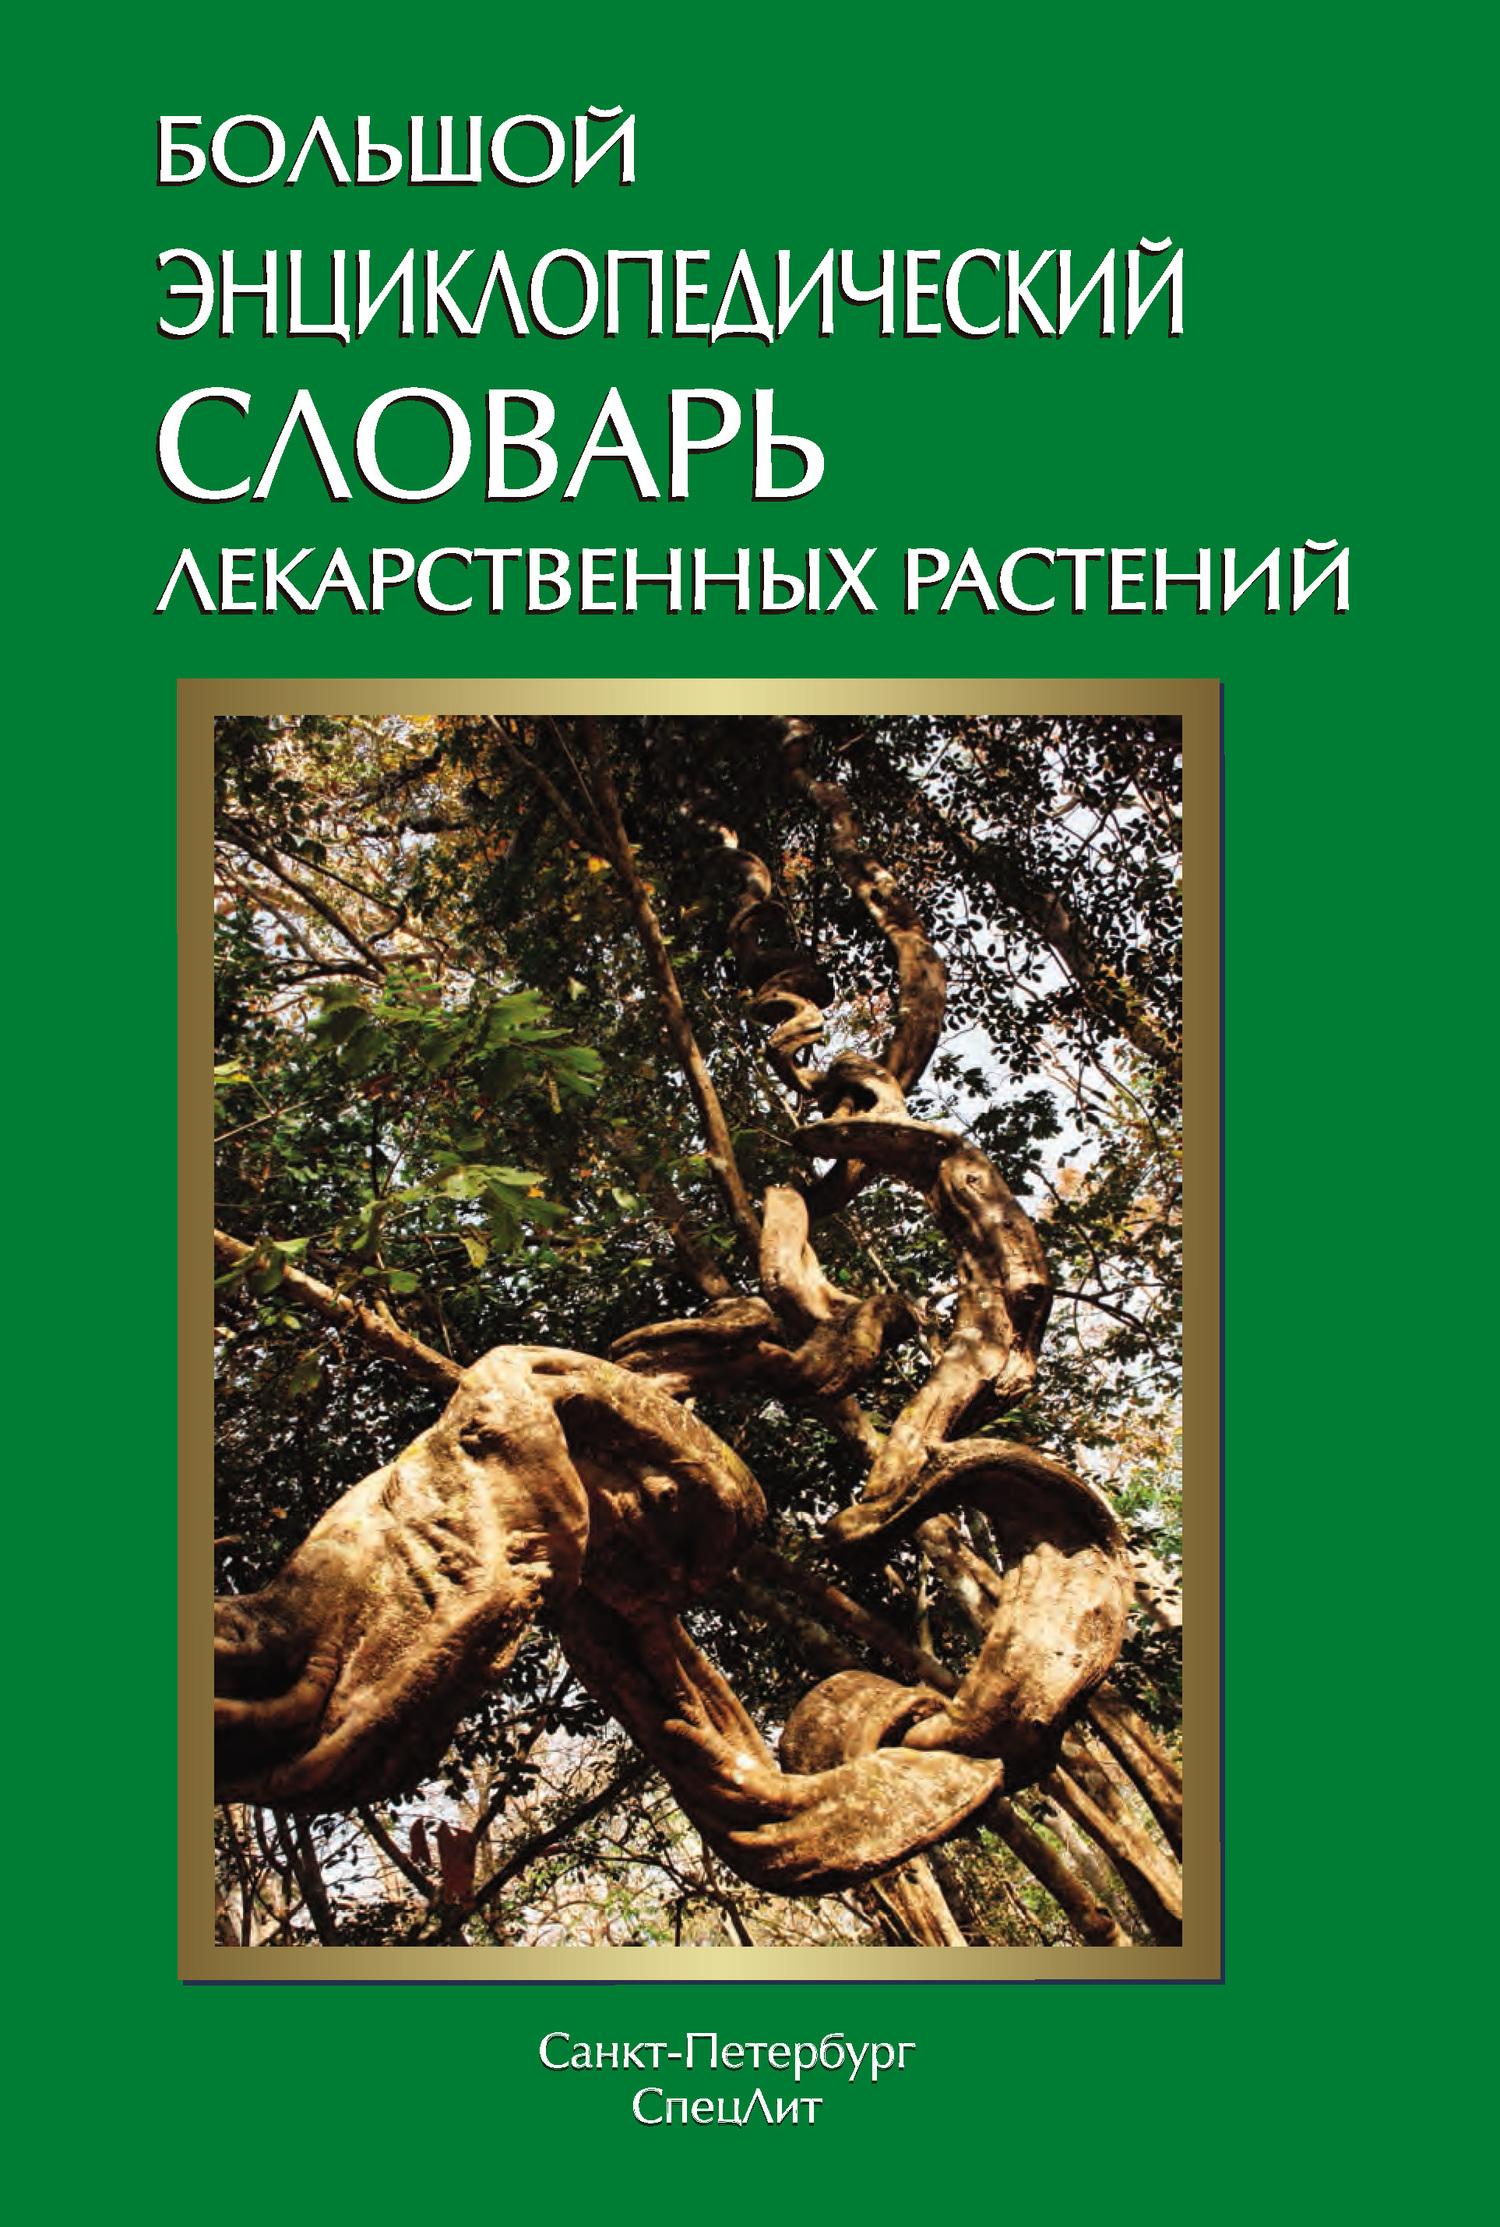 Коллектив авторов Большой энциклопедический словарь лекарственных растений ISBN: 978-5-299-00528-8 цены онлайн